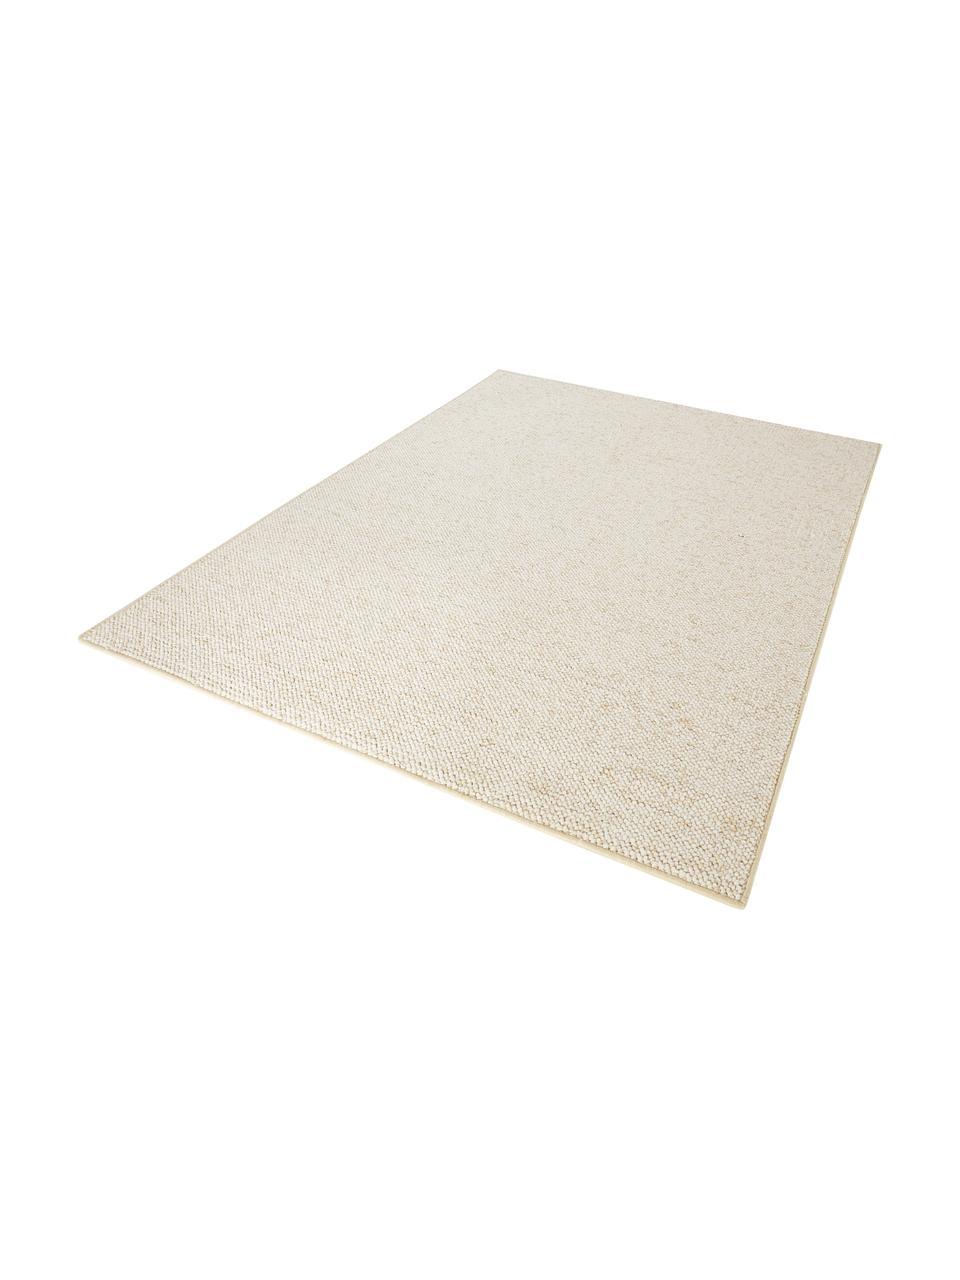 Rond vloerkleed Lyon met lussenpool, Bovenzijde: 100% polypropyleen, Onderzijde: fleece, Gemengd crèmekleurig, B 200 x L 300 cm (maat L)